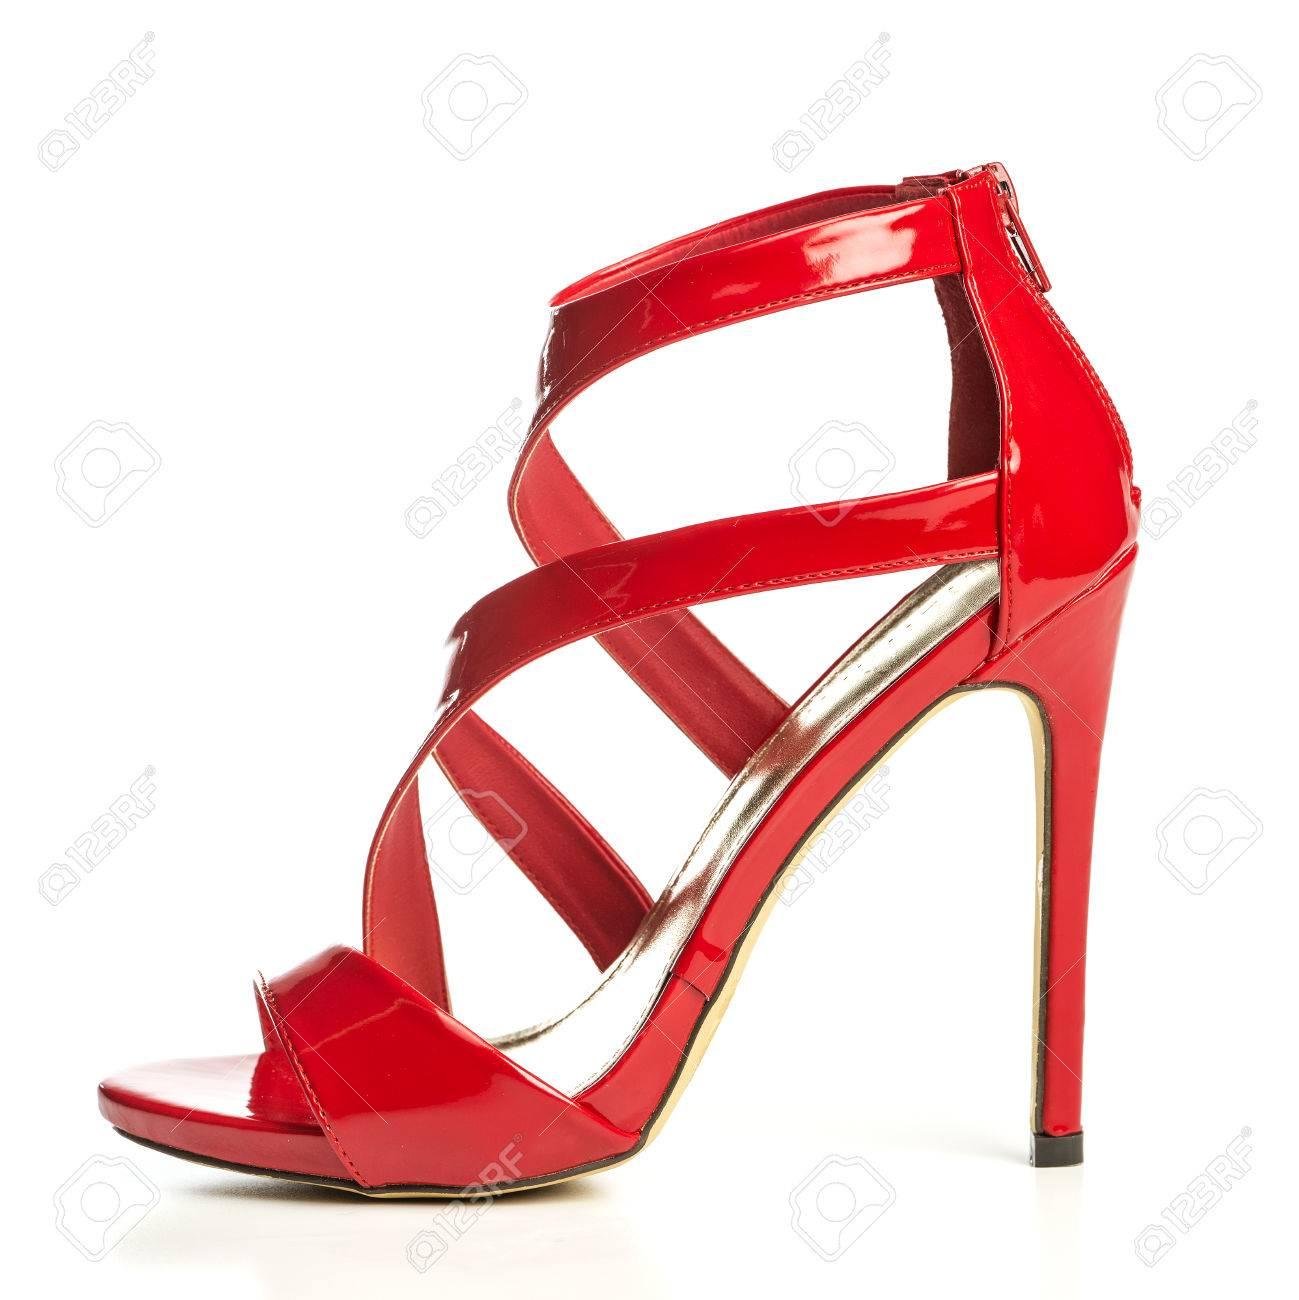 Rojo Brillante De Color Charol Con Tacón En Sandalias Pequeñas cK3uTlF1J5